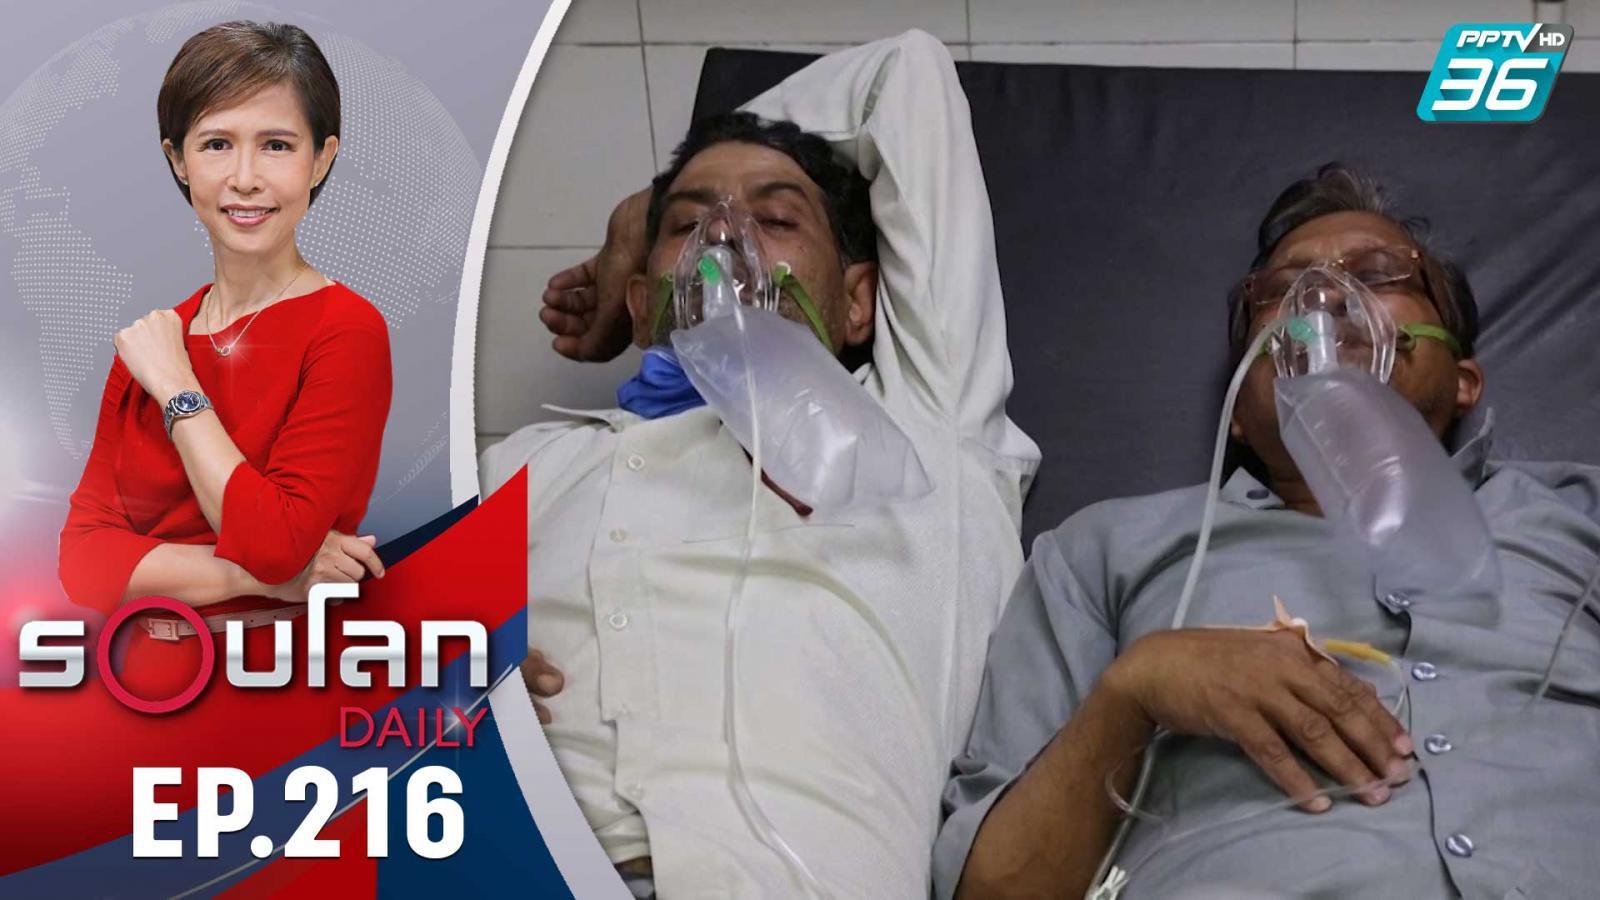 อินเดียโรงพยาบาลล้น หลังพบผู้ติดเชื้อรายวันกว่า 2 แสนราย | 16 เม.ย. 64 | รอบโลก DAILY